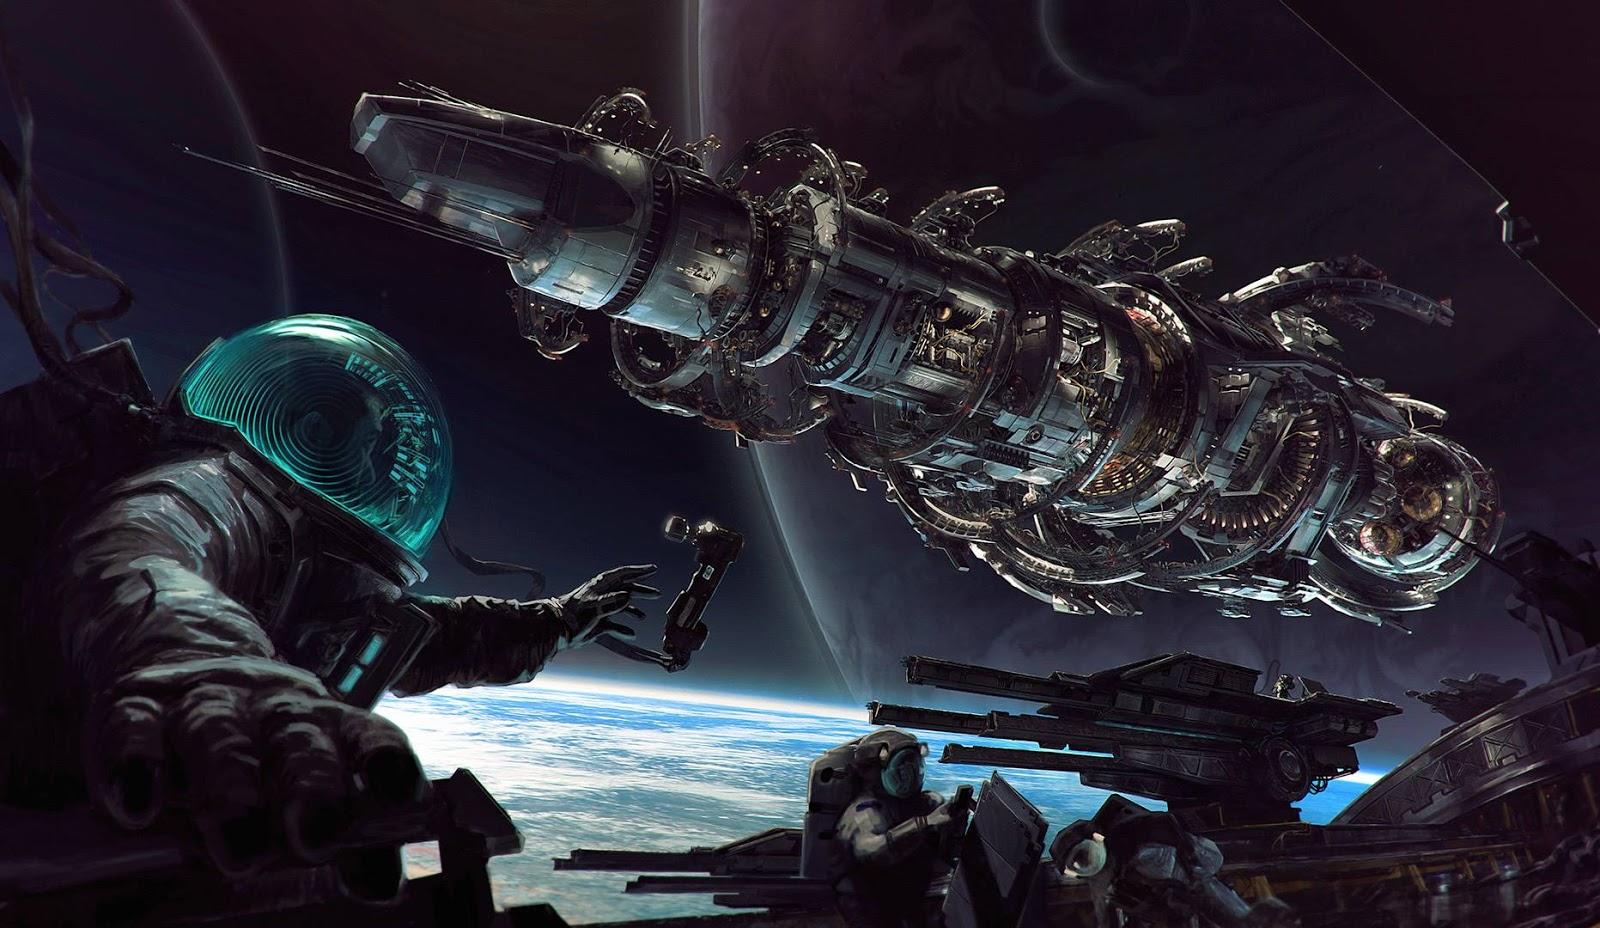 Космічний онлайн шутер Fractured Space доступний в ранньому доступі Steam